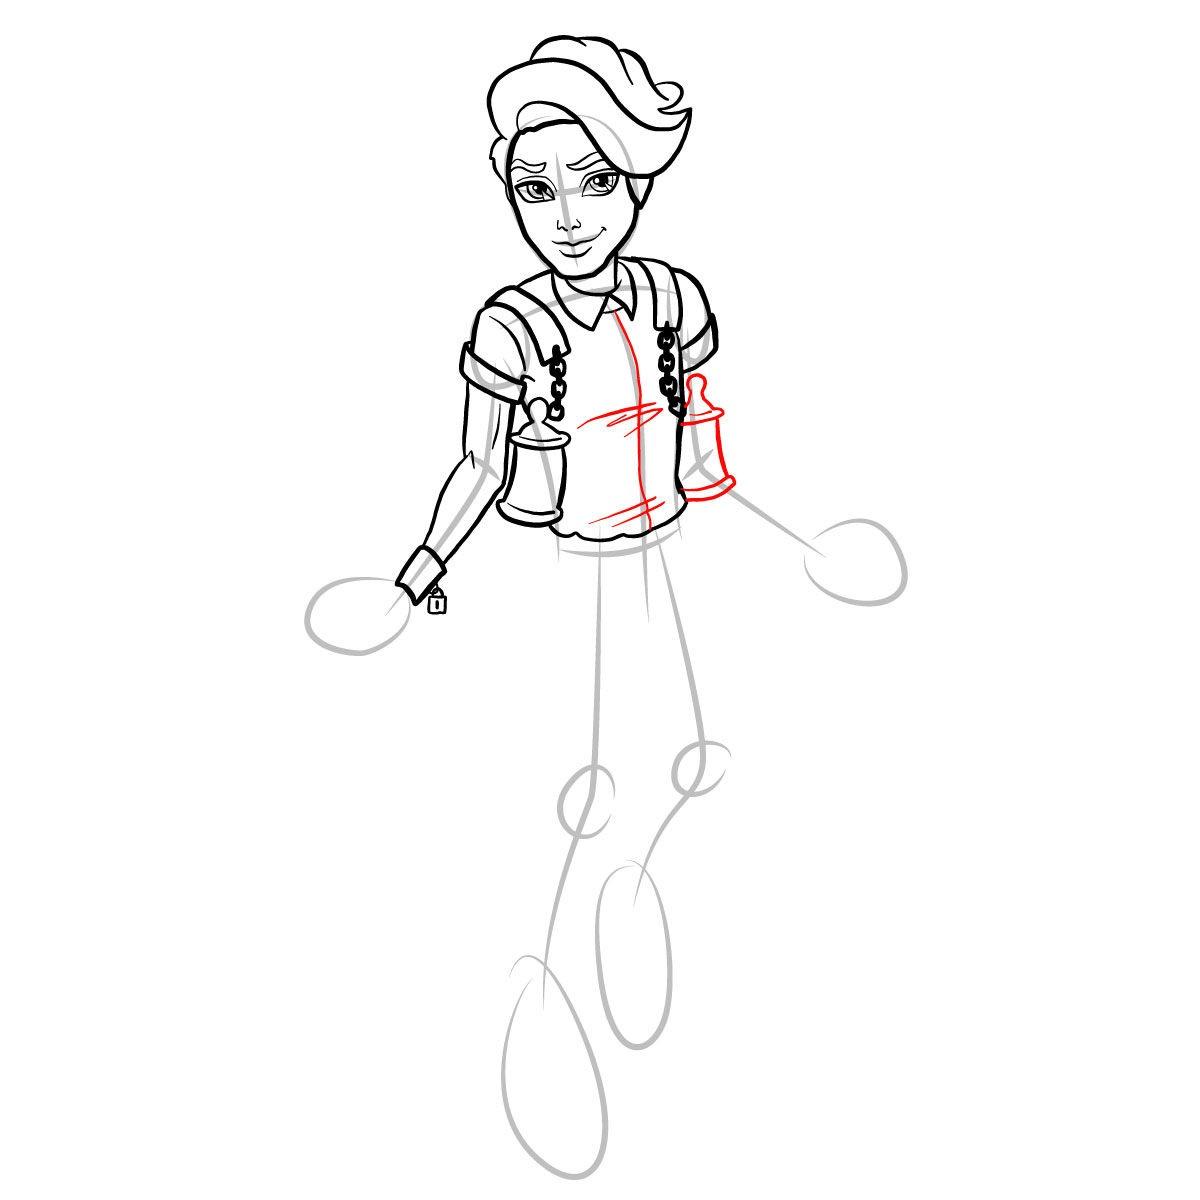 Как нарисовать Портера Гейсса 11